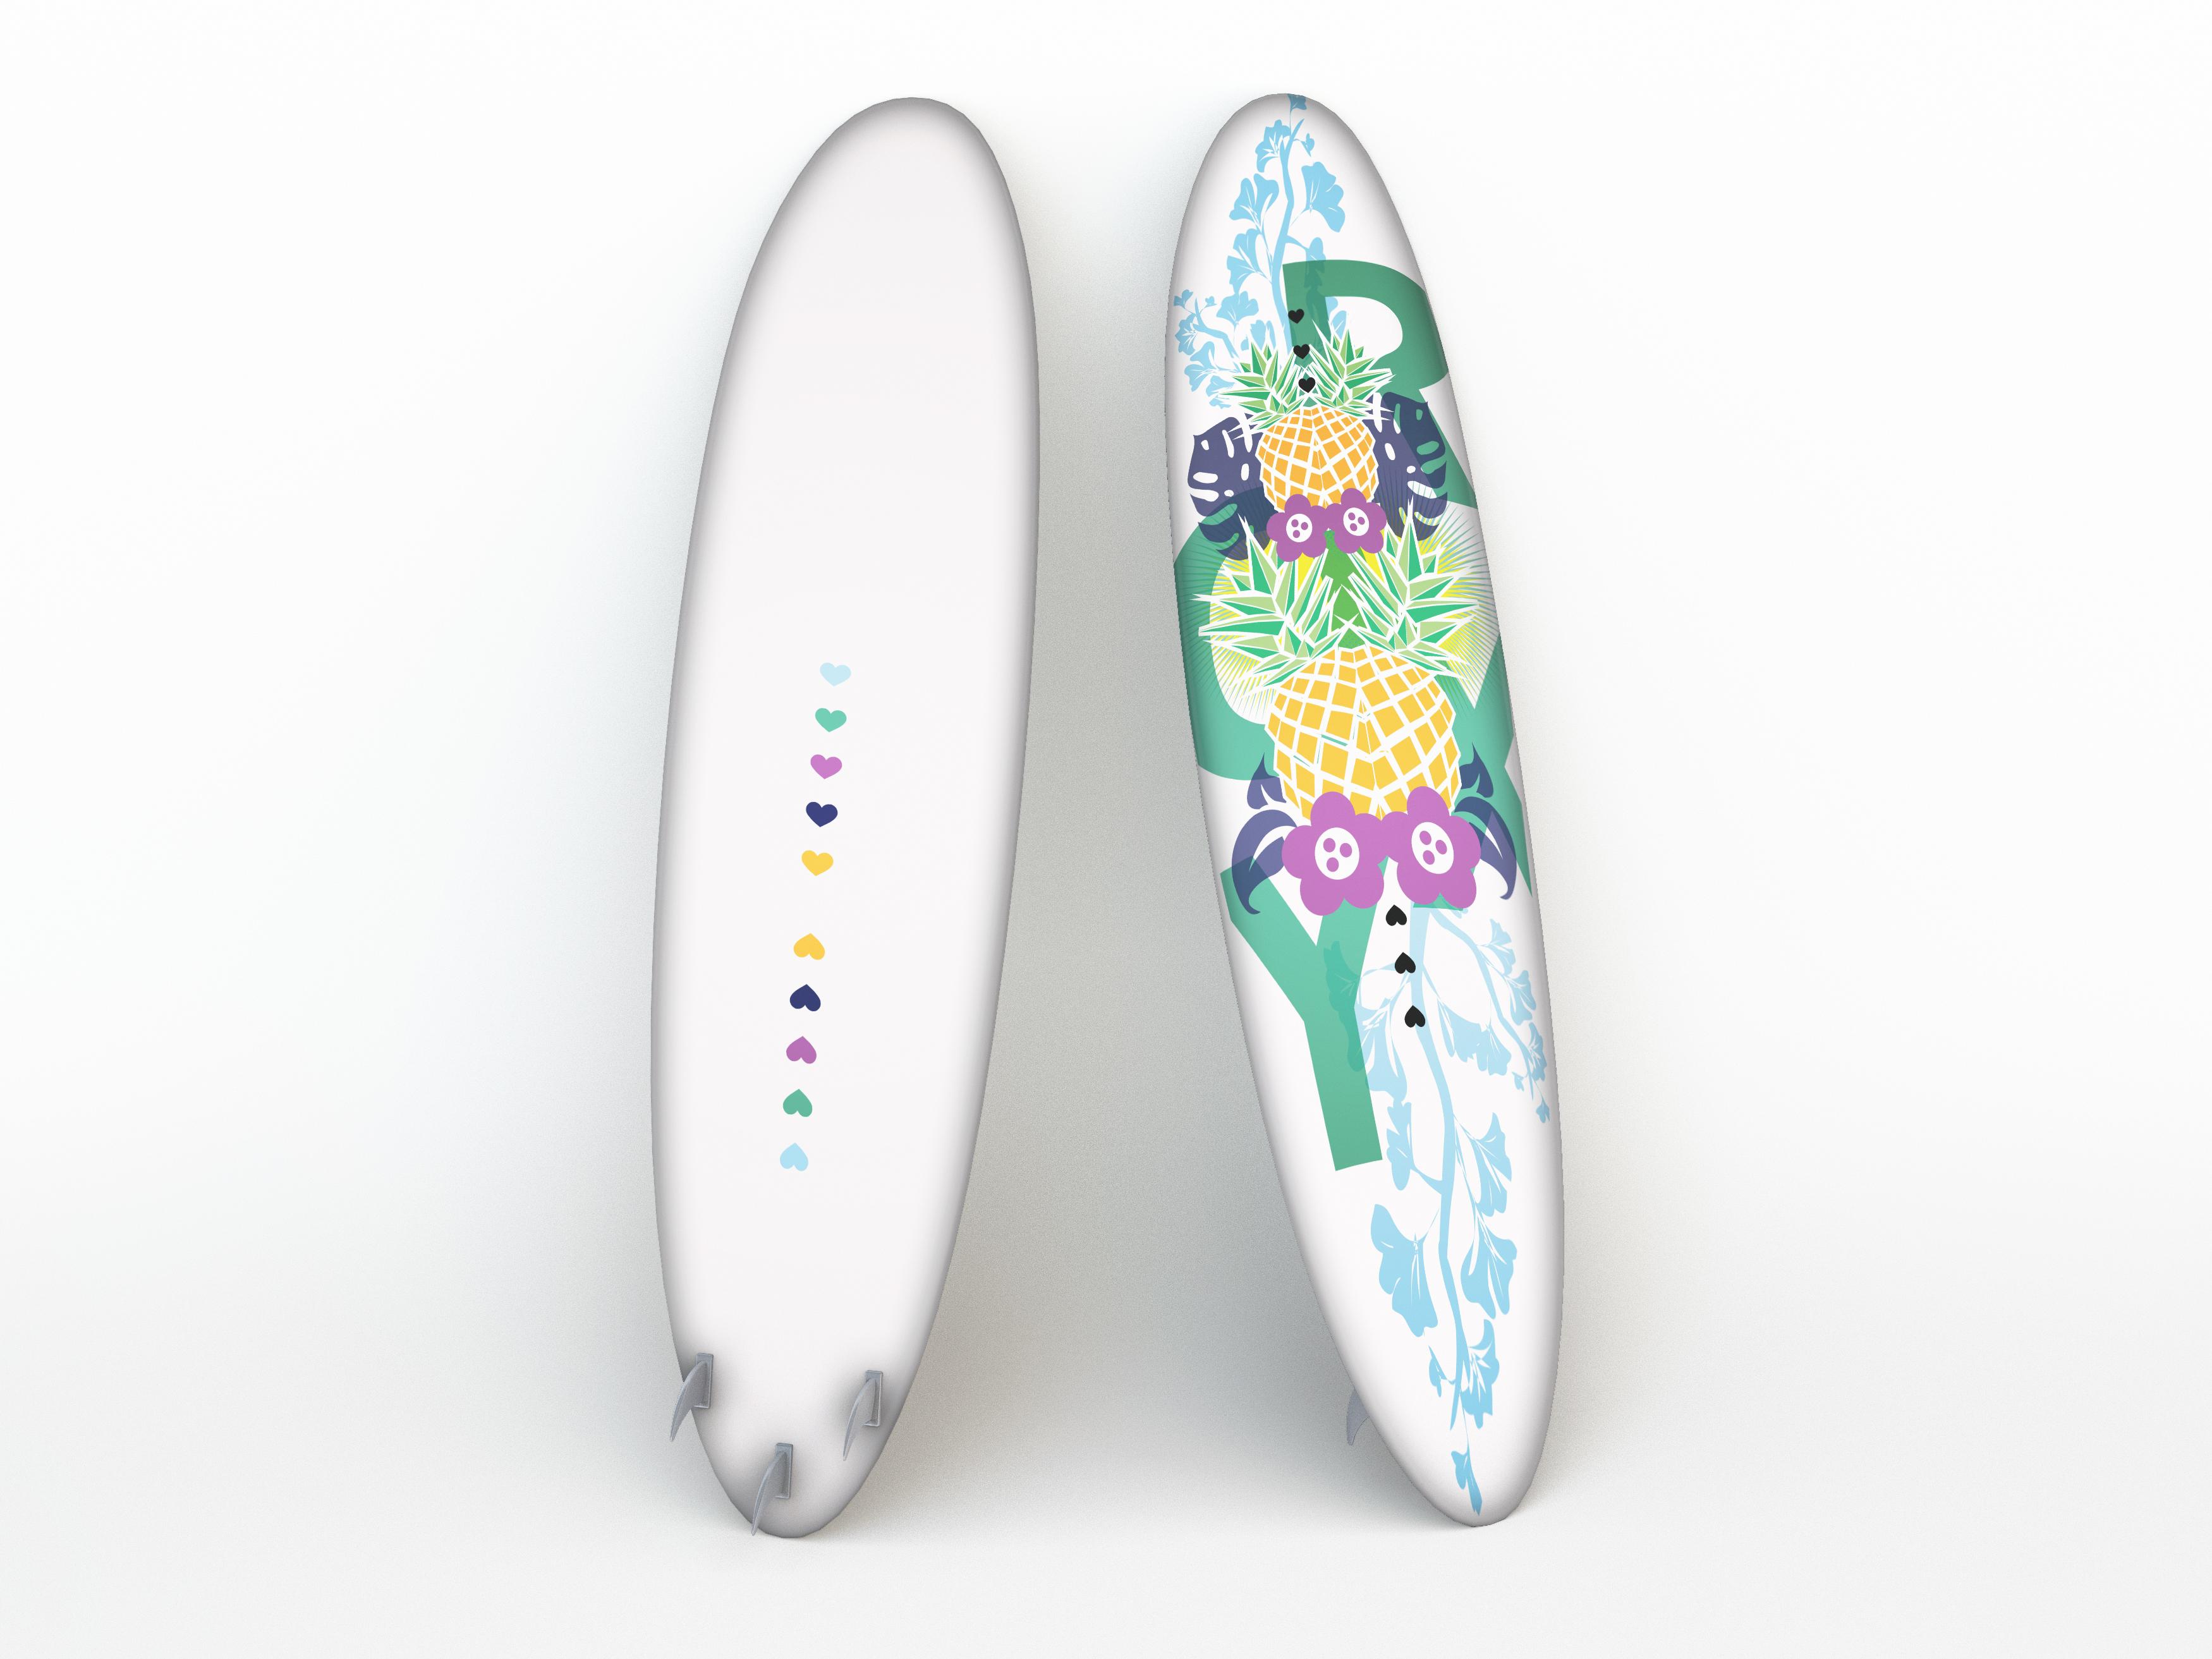 surfboard_mockup_03